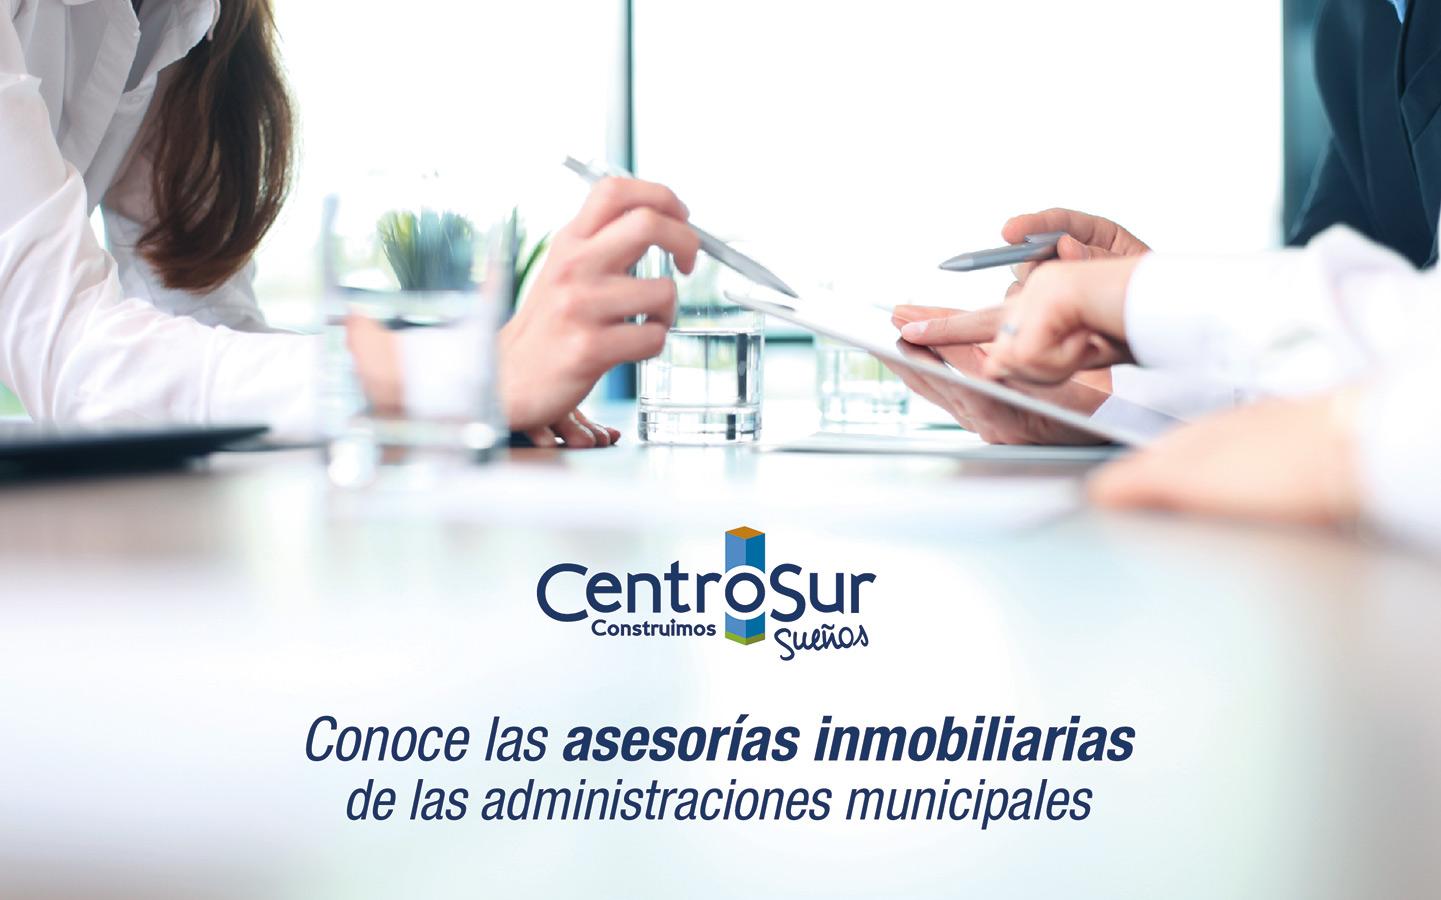 CONOCE LAS ASESORÍAS INMOBILIARIAS DE LAS ADMINISTRACIONES MUNICIPALES